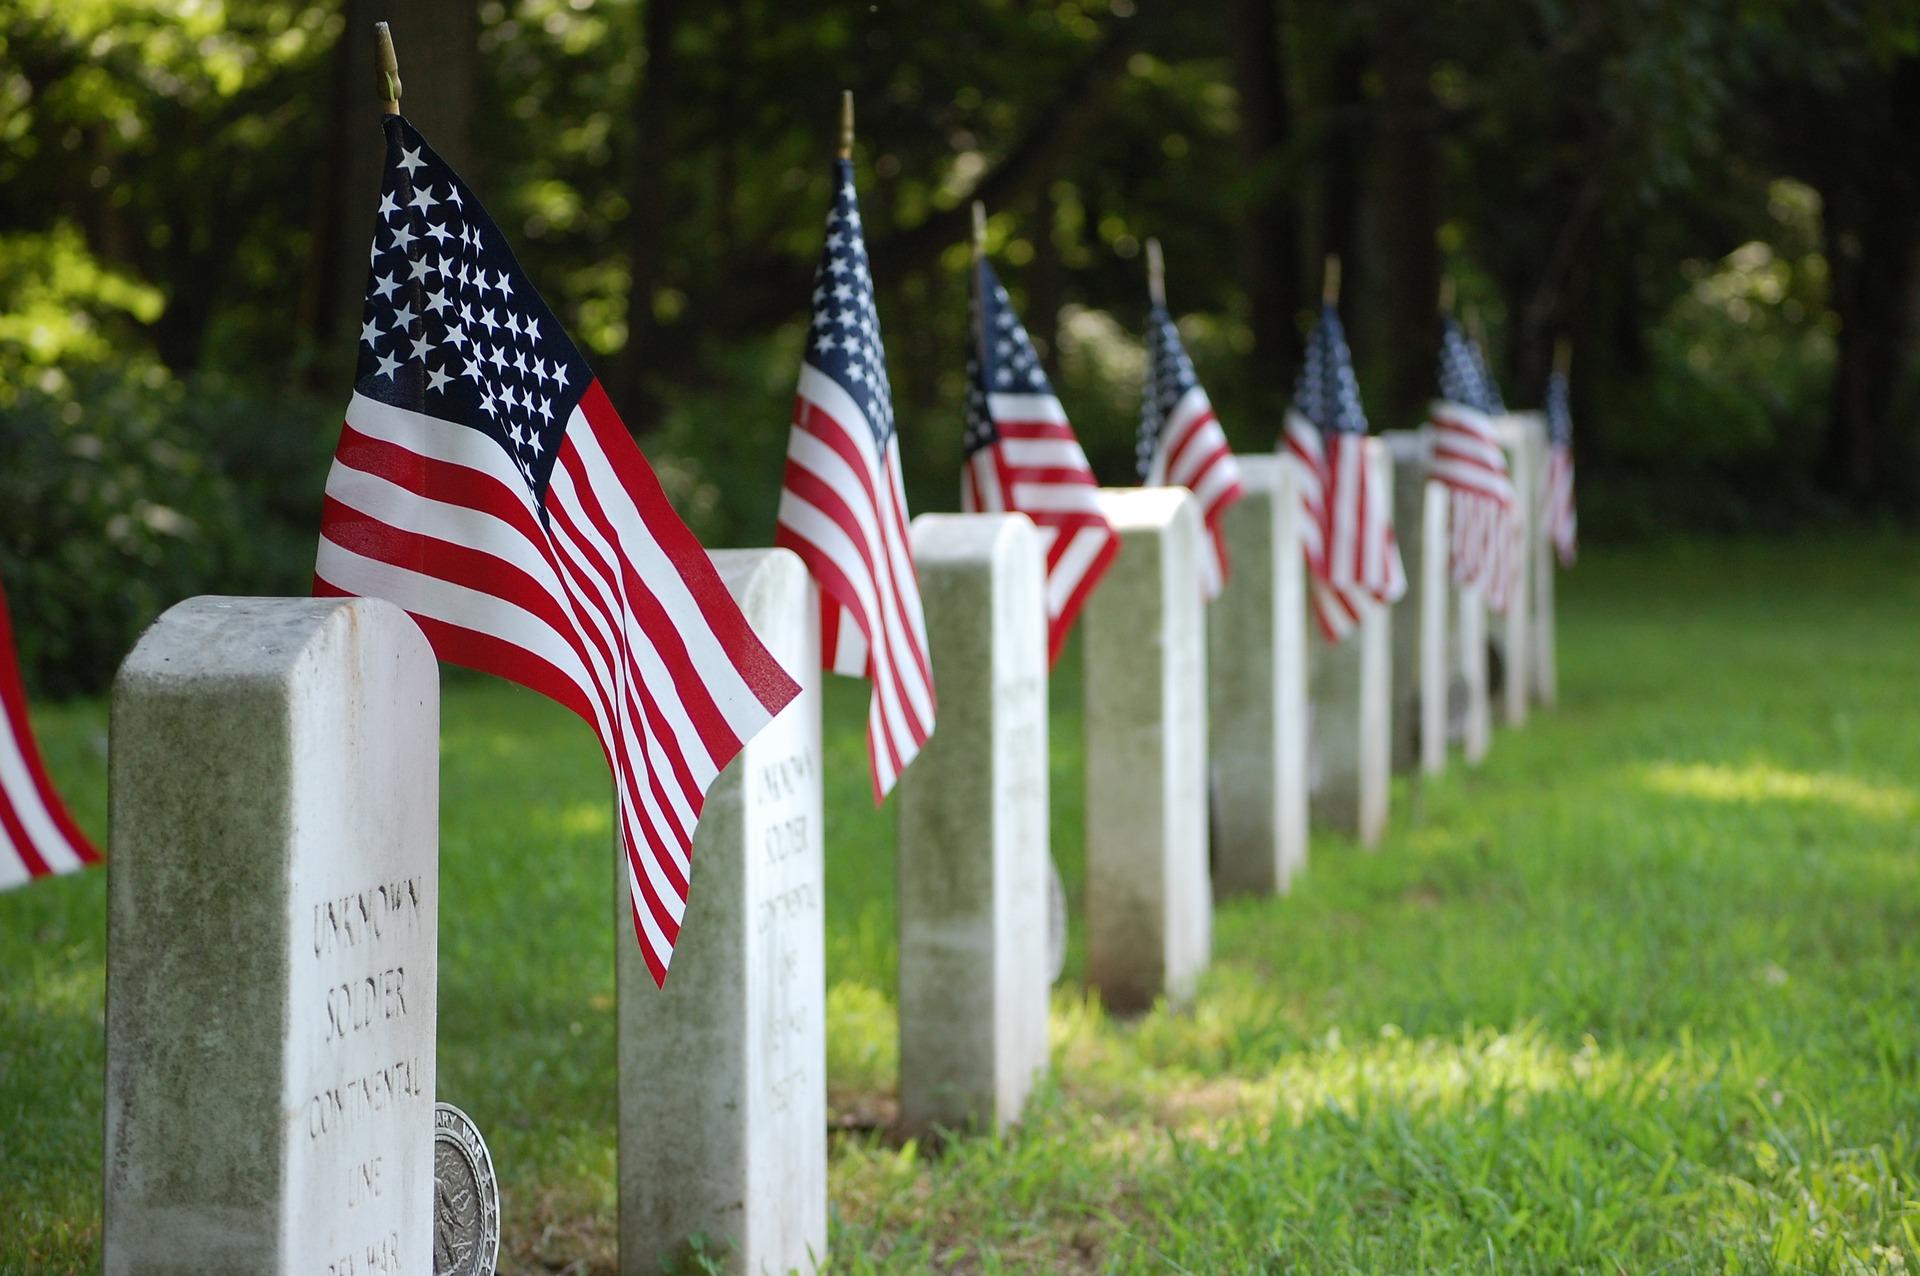 American flags beside gravestones